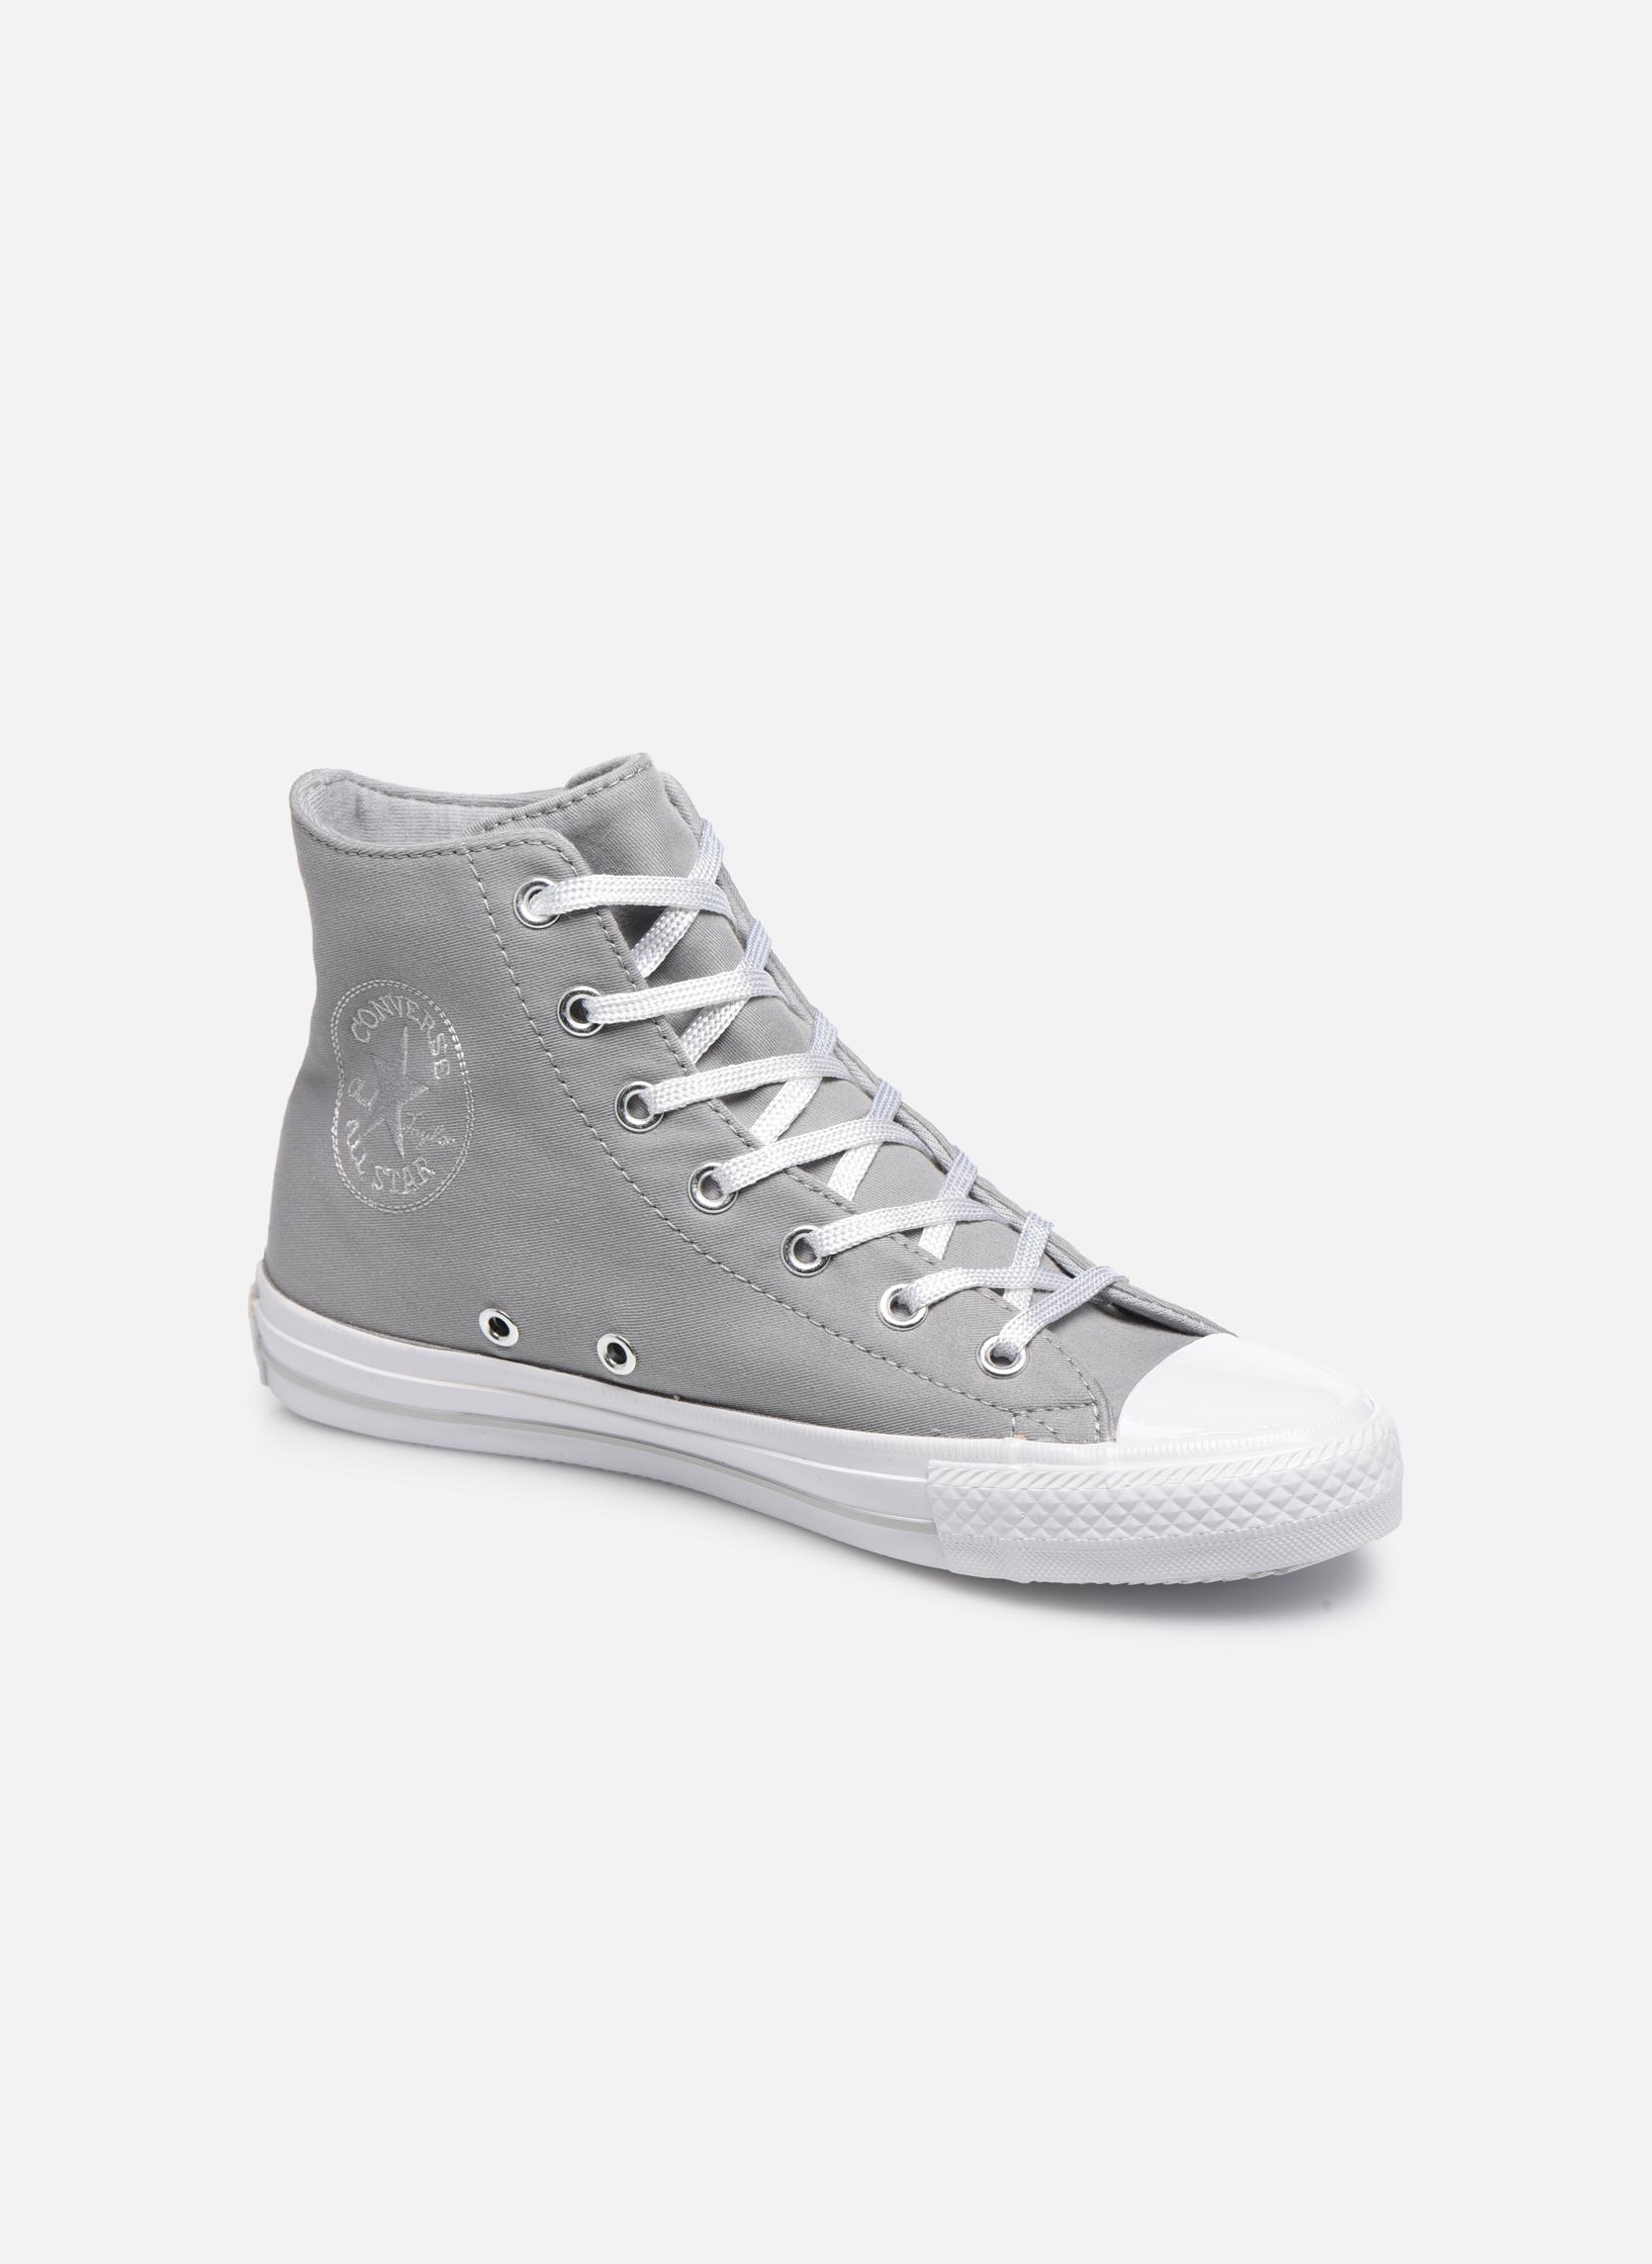 Los últimos zapatos de descuento para hombres y mujeres  Star Converse Chuck Taylor All Star  Gemma Twill Hi (Gris) - Deportivas en Más cómodo f806b8